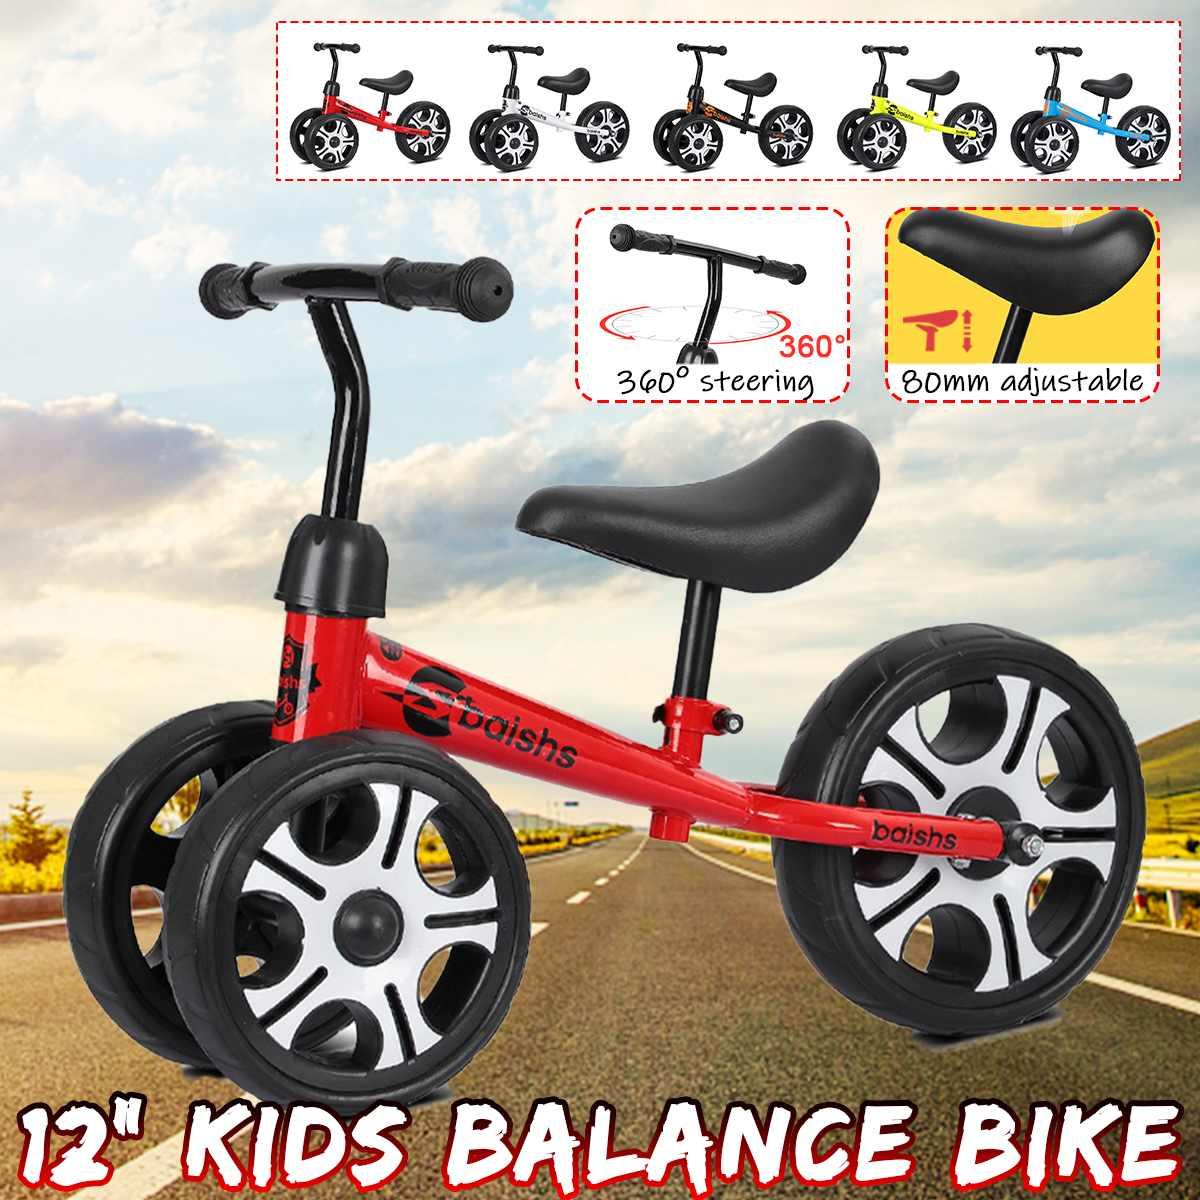 Andador para niños de bicicleta de equilibrio para bebés, juguete para andar en bicicleta, regalo de tres ruedas para niños de 2 a 6 años, bicicleta de carreras para aprender a andar